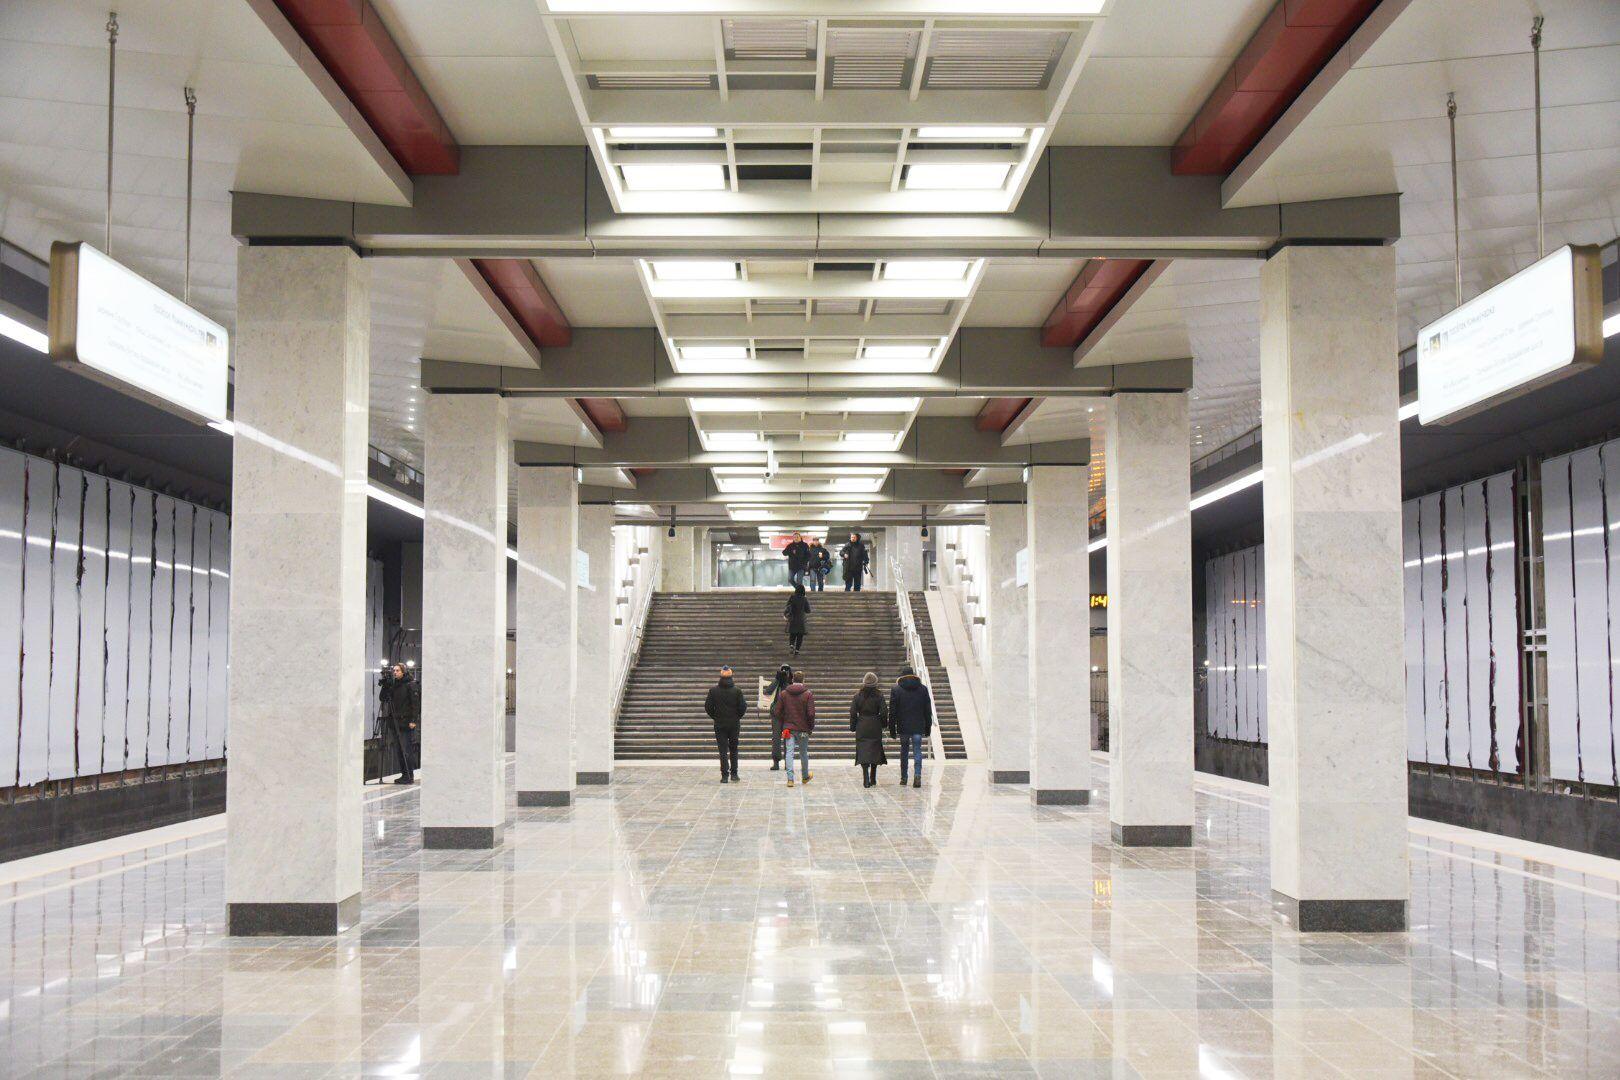 Жители Новой Москвы смогут удобнее передвигаться на метро. Фото: Владимир Новиков, «Вечерняя Москва»